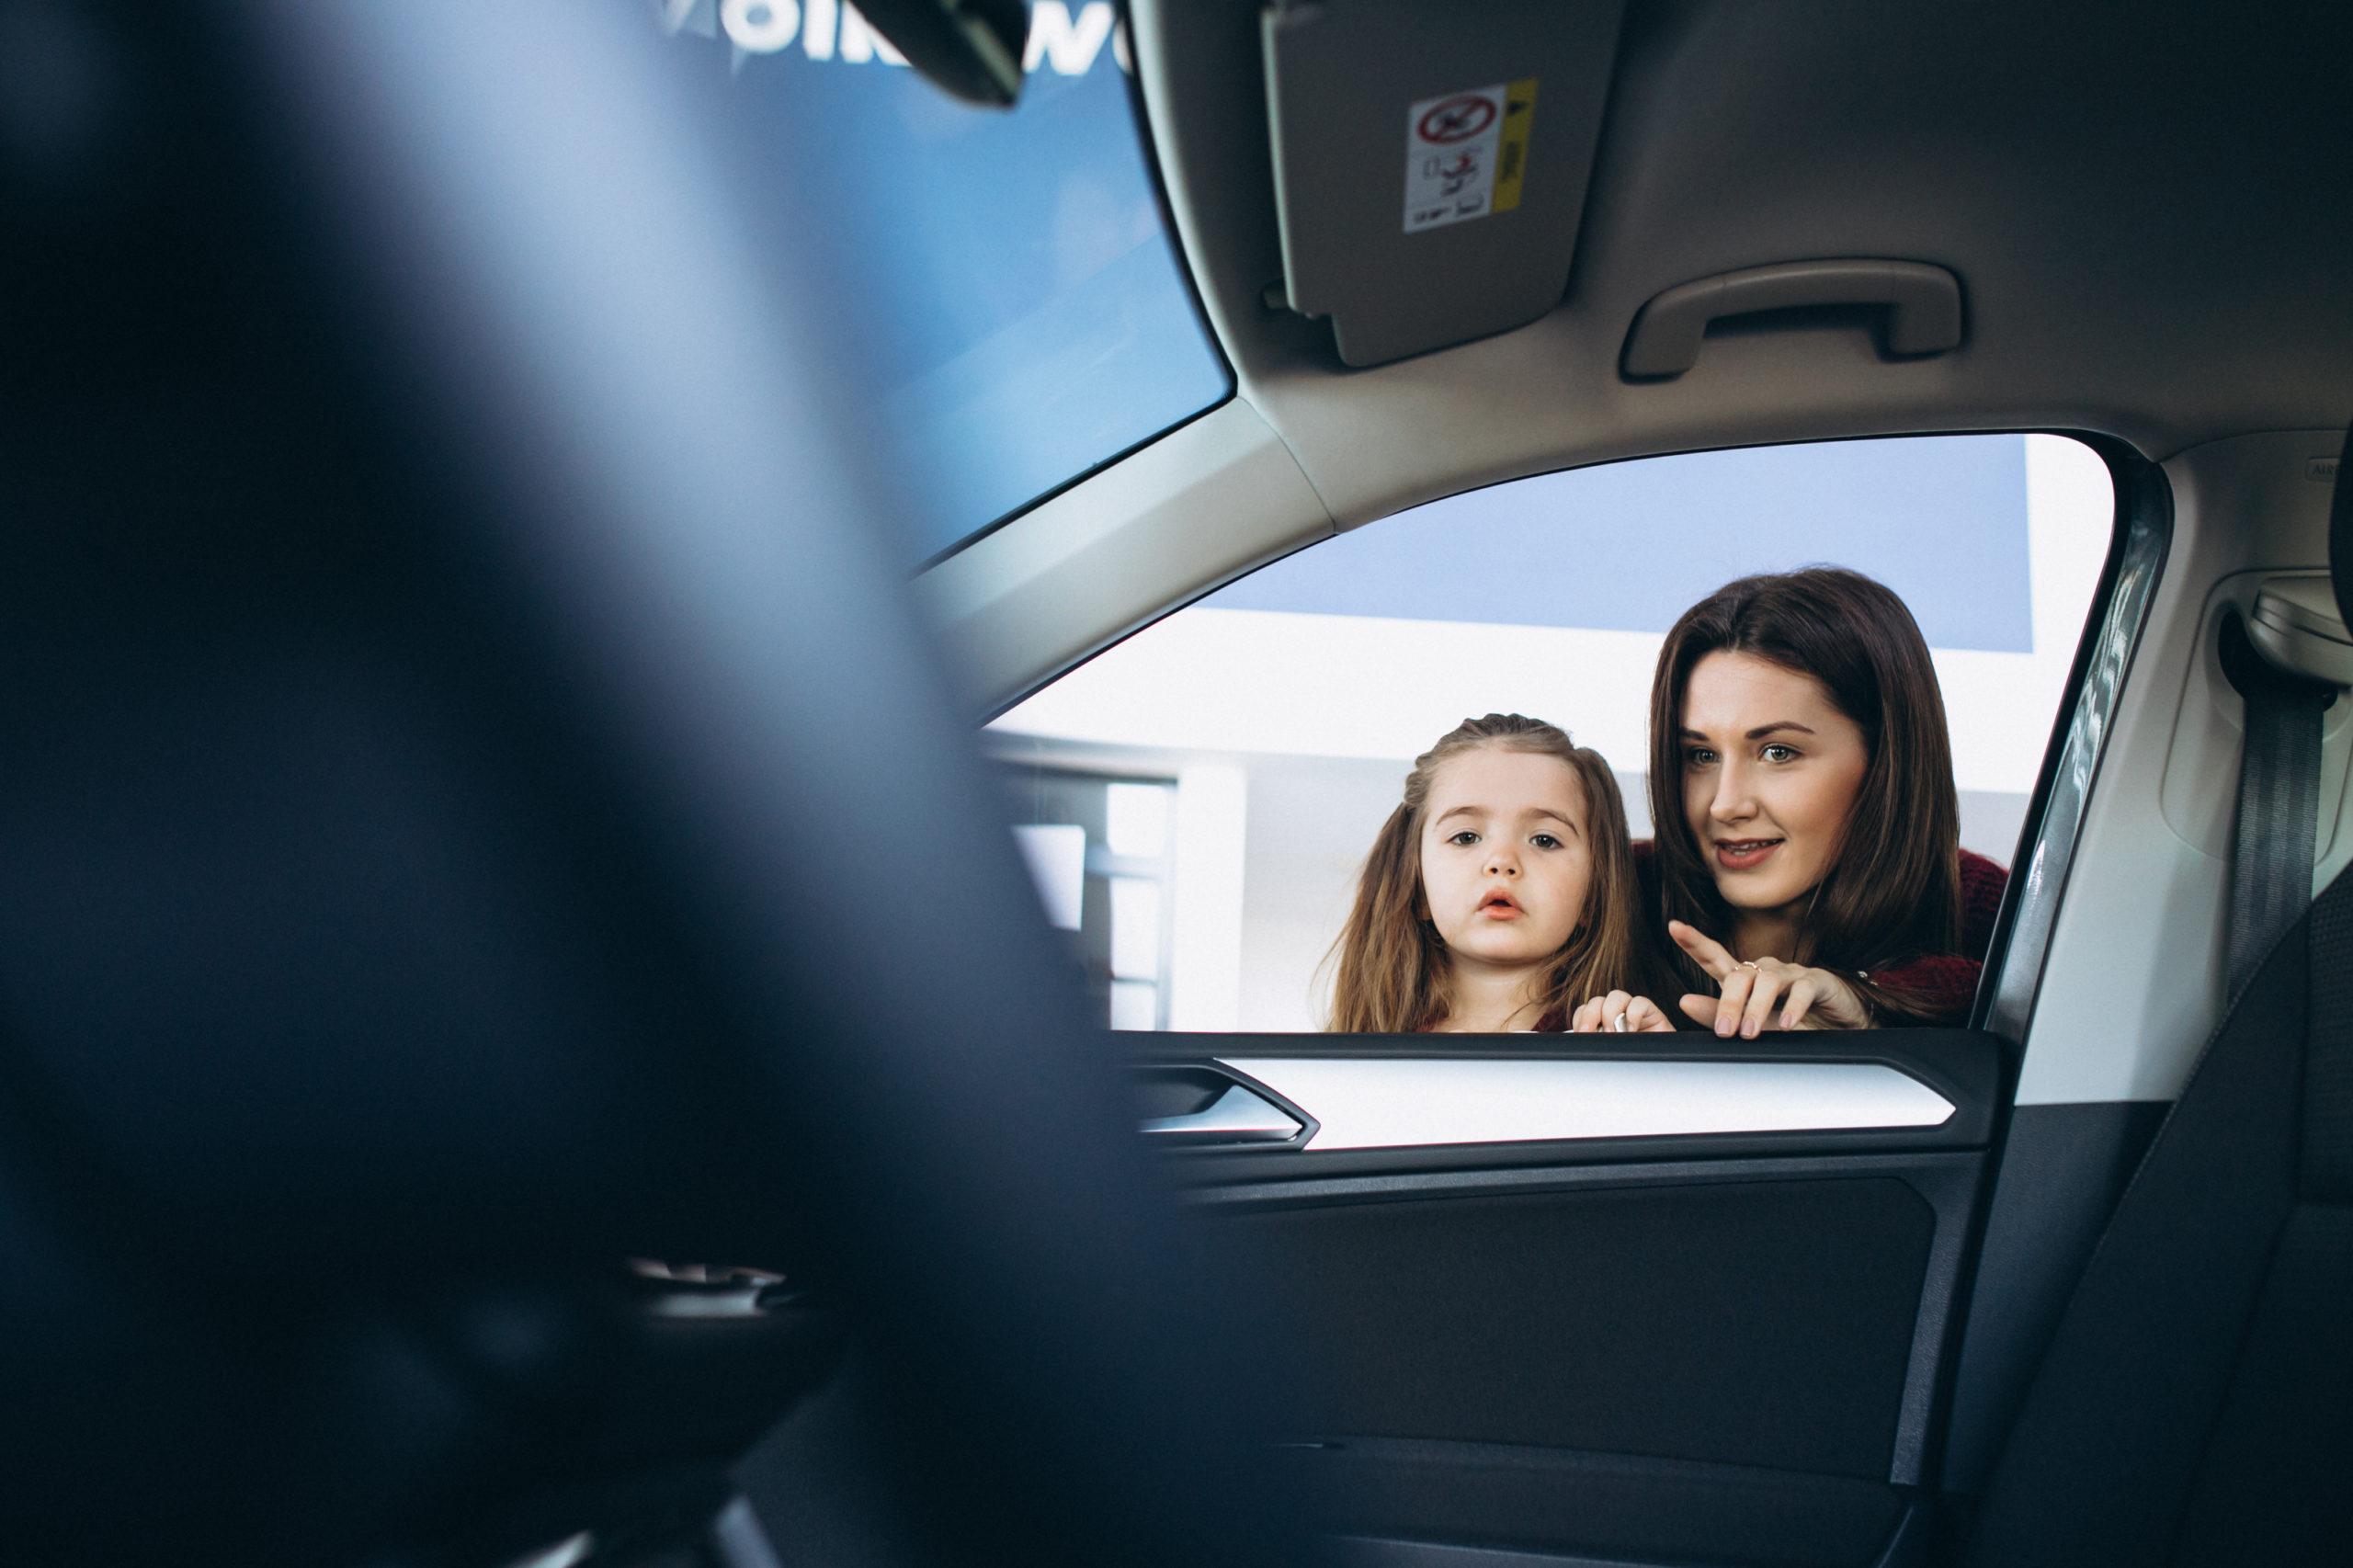 Quel type de véhicule pour votre famille?